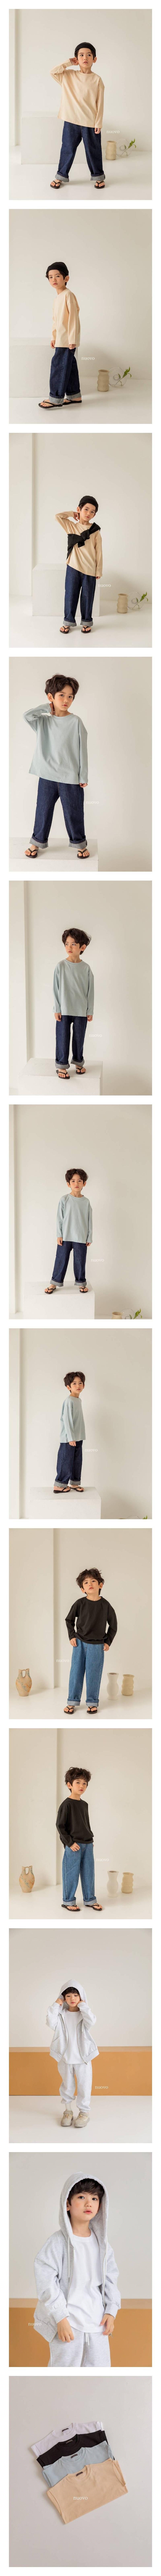 NUOVO - Korean Children Fashion - #Kfashion4kids - Mono Tee